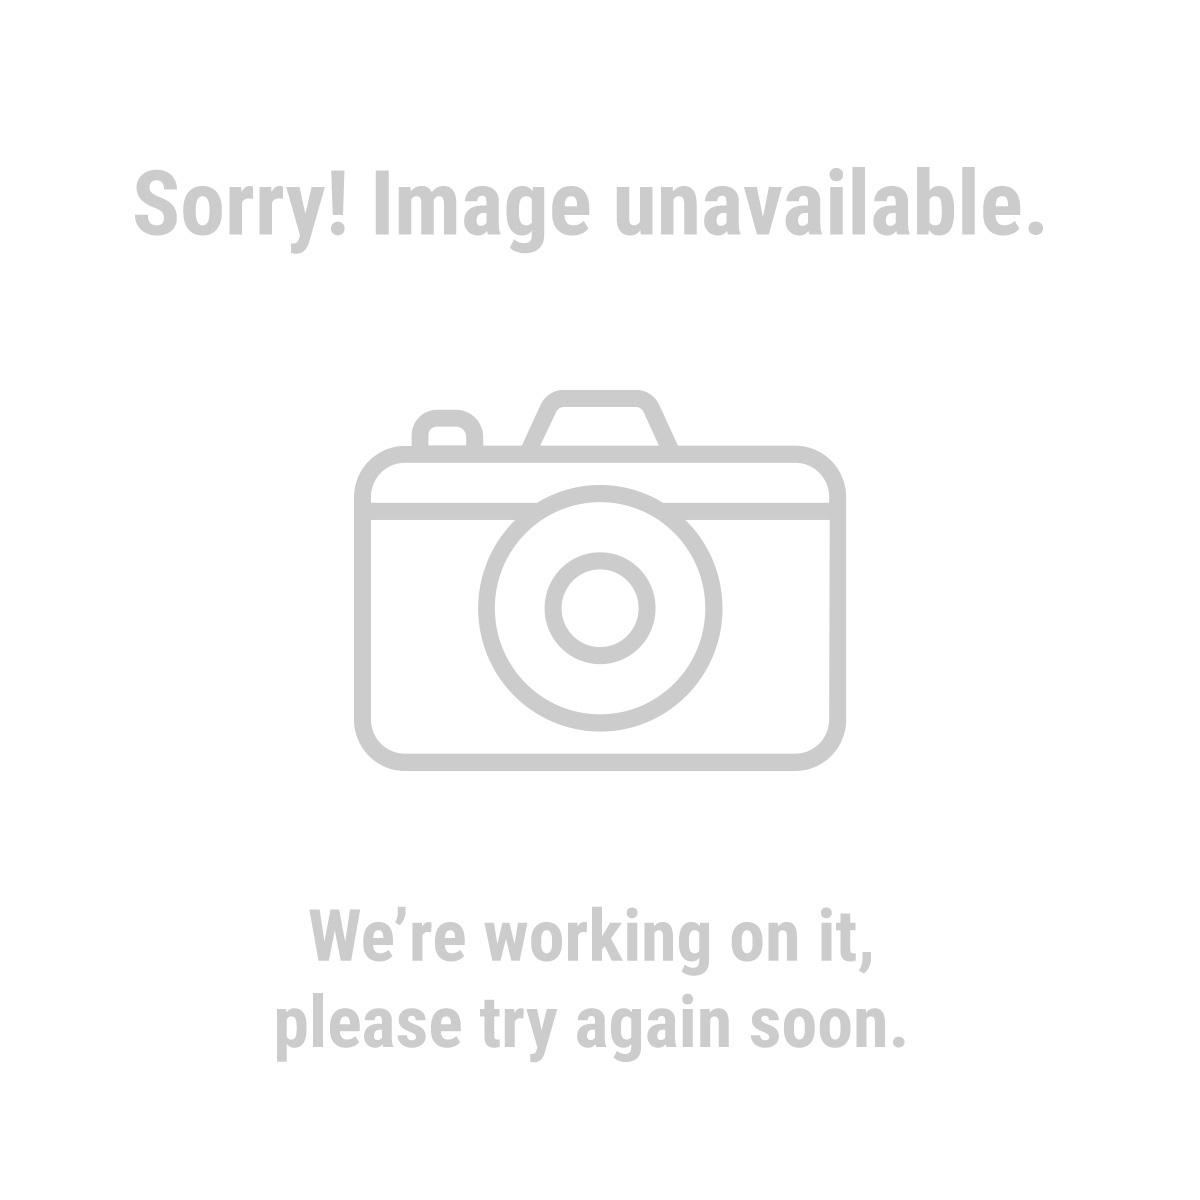 Warrior 60797 4-1/2 in. 40 Grit Flap Zirc Disc